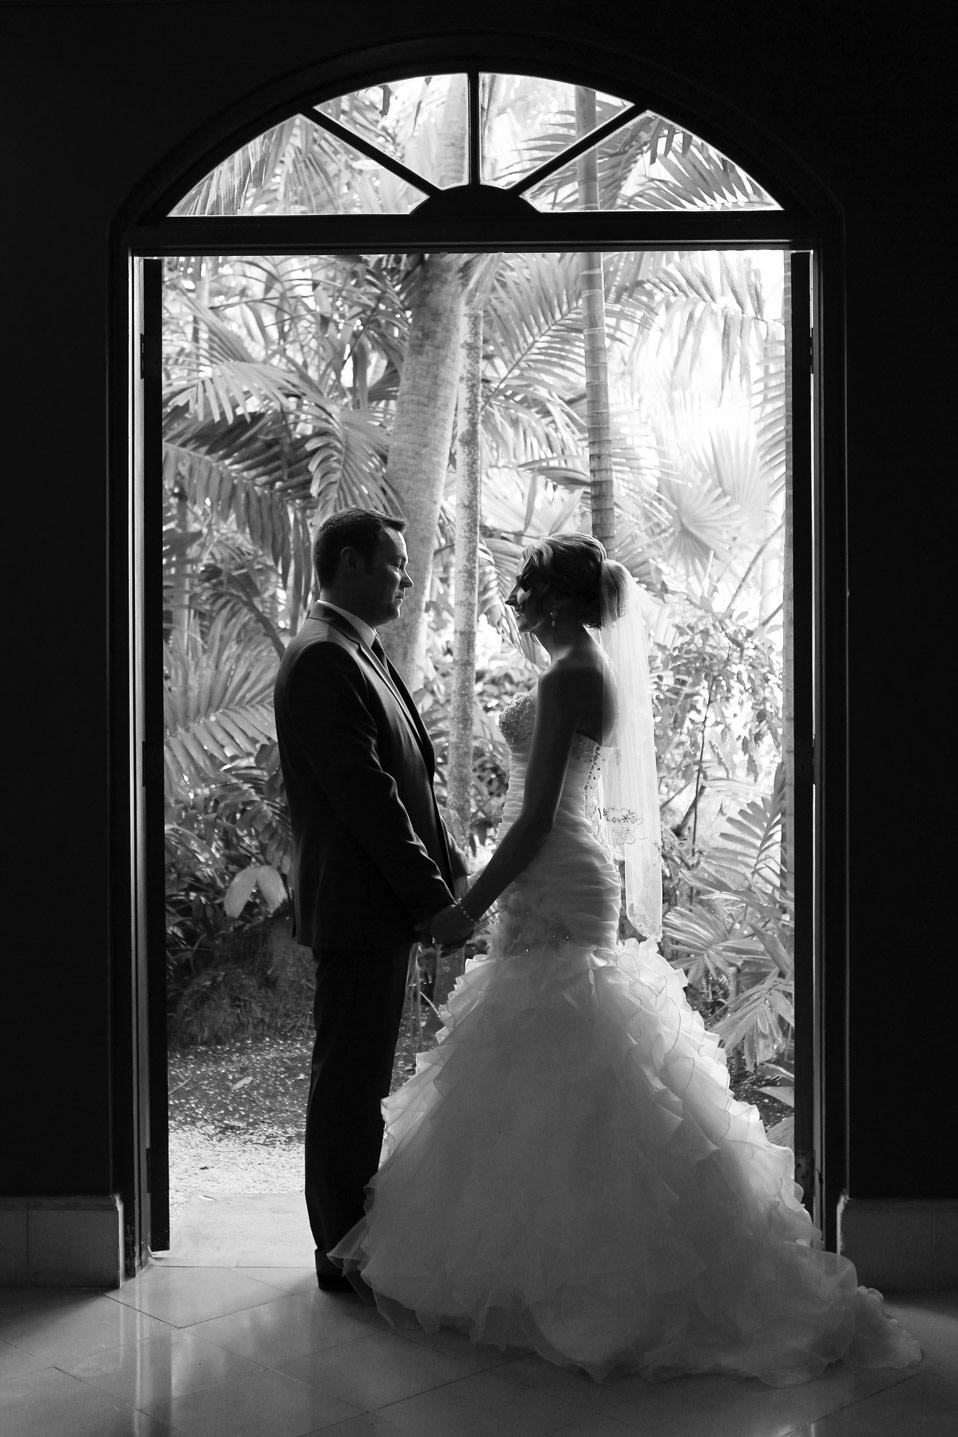 jamaica-milwaukee-destination-wedding-ruthie-hauge-photography-42.jpg